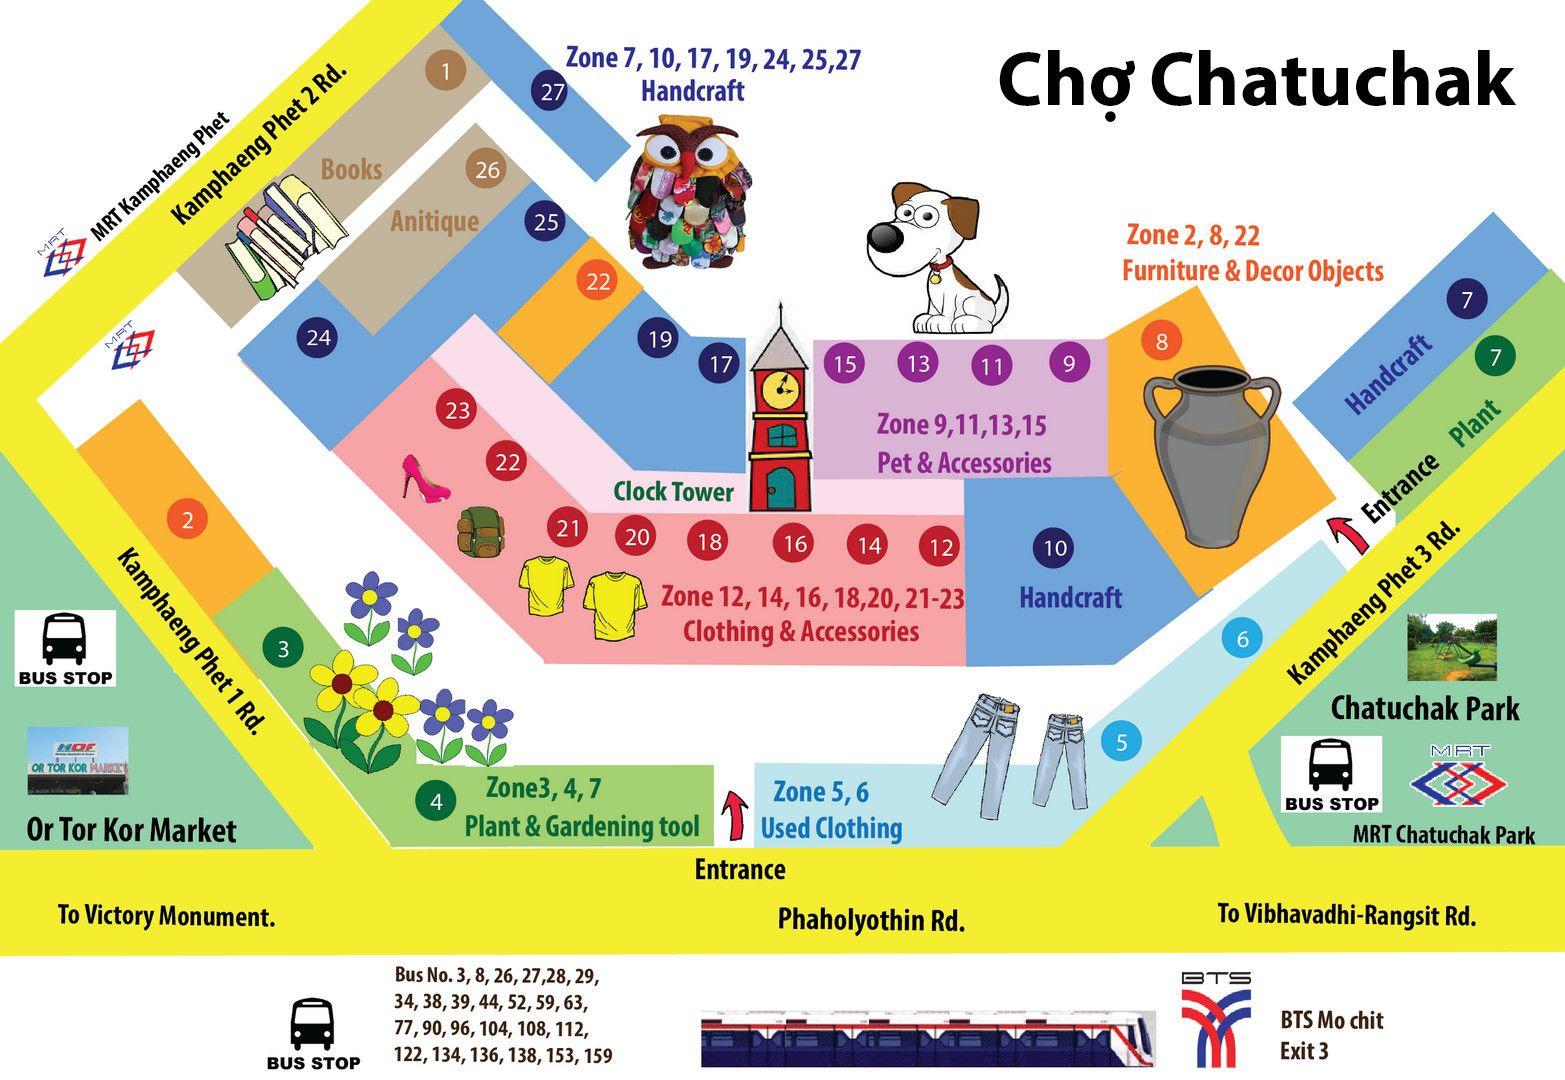 Cách di chuyển đến chợ Chatuchak